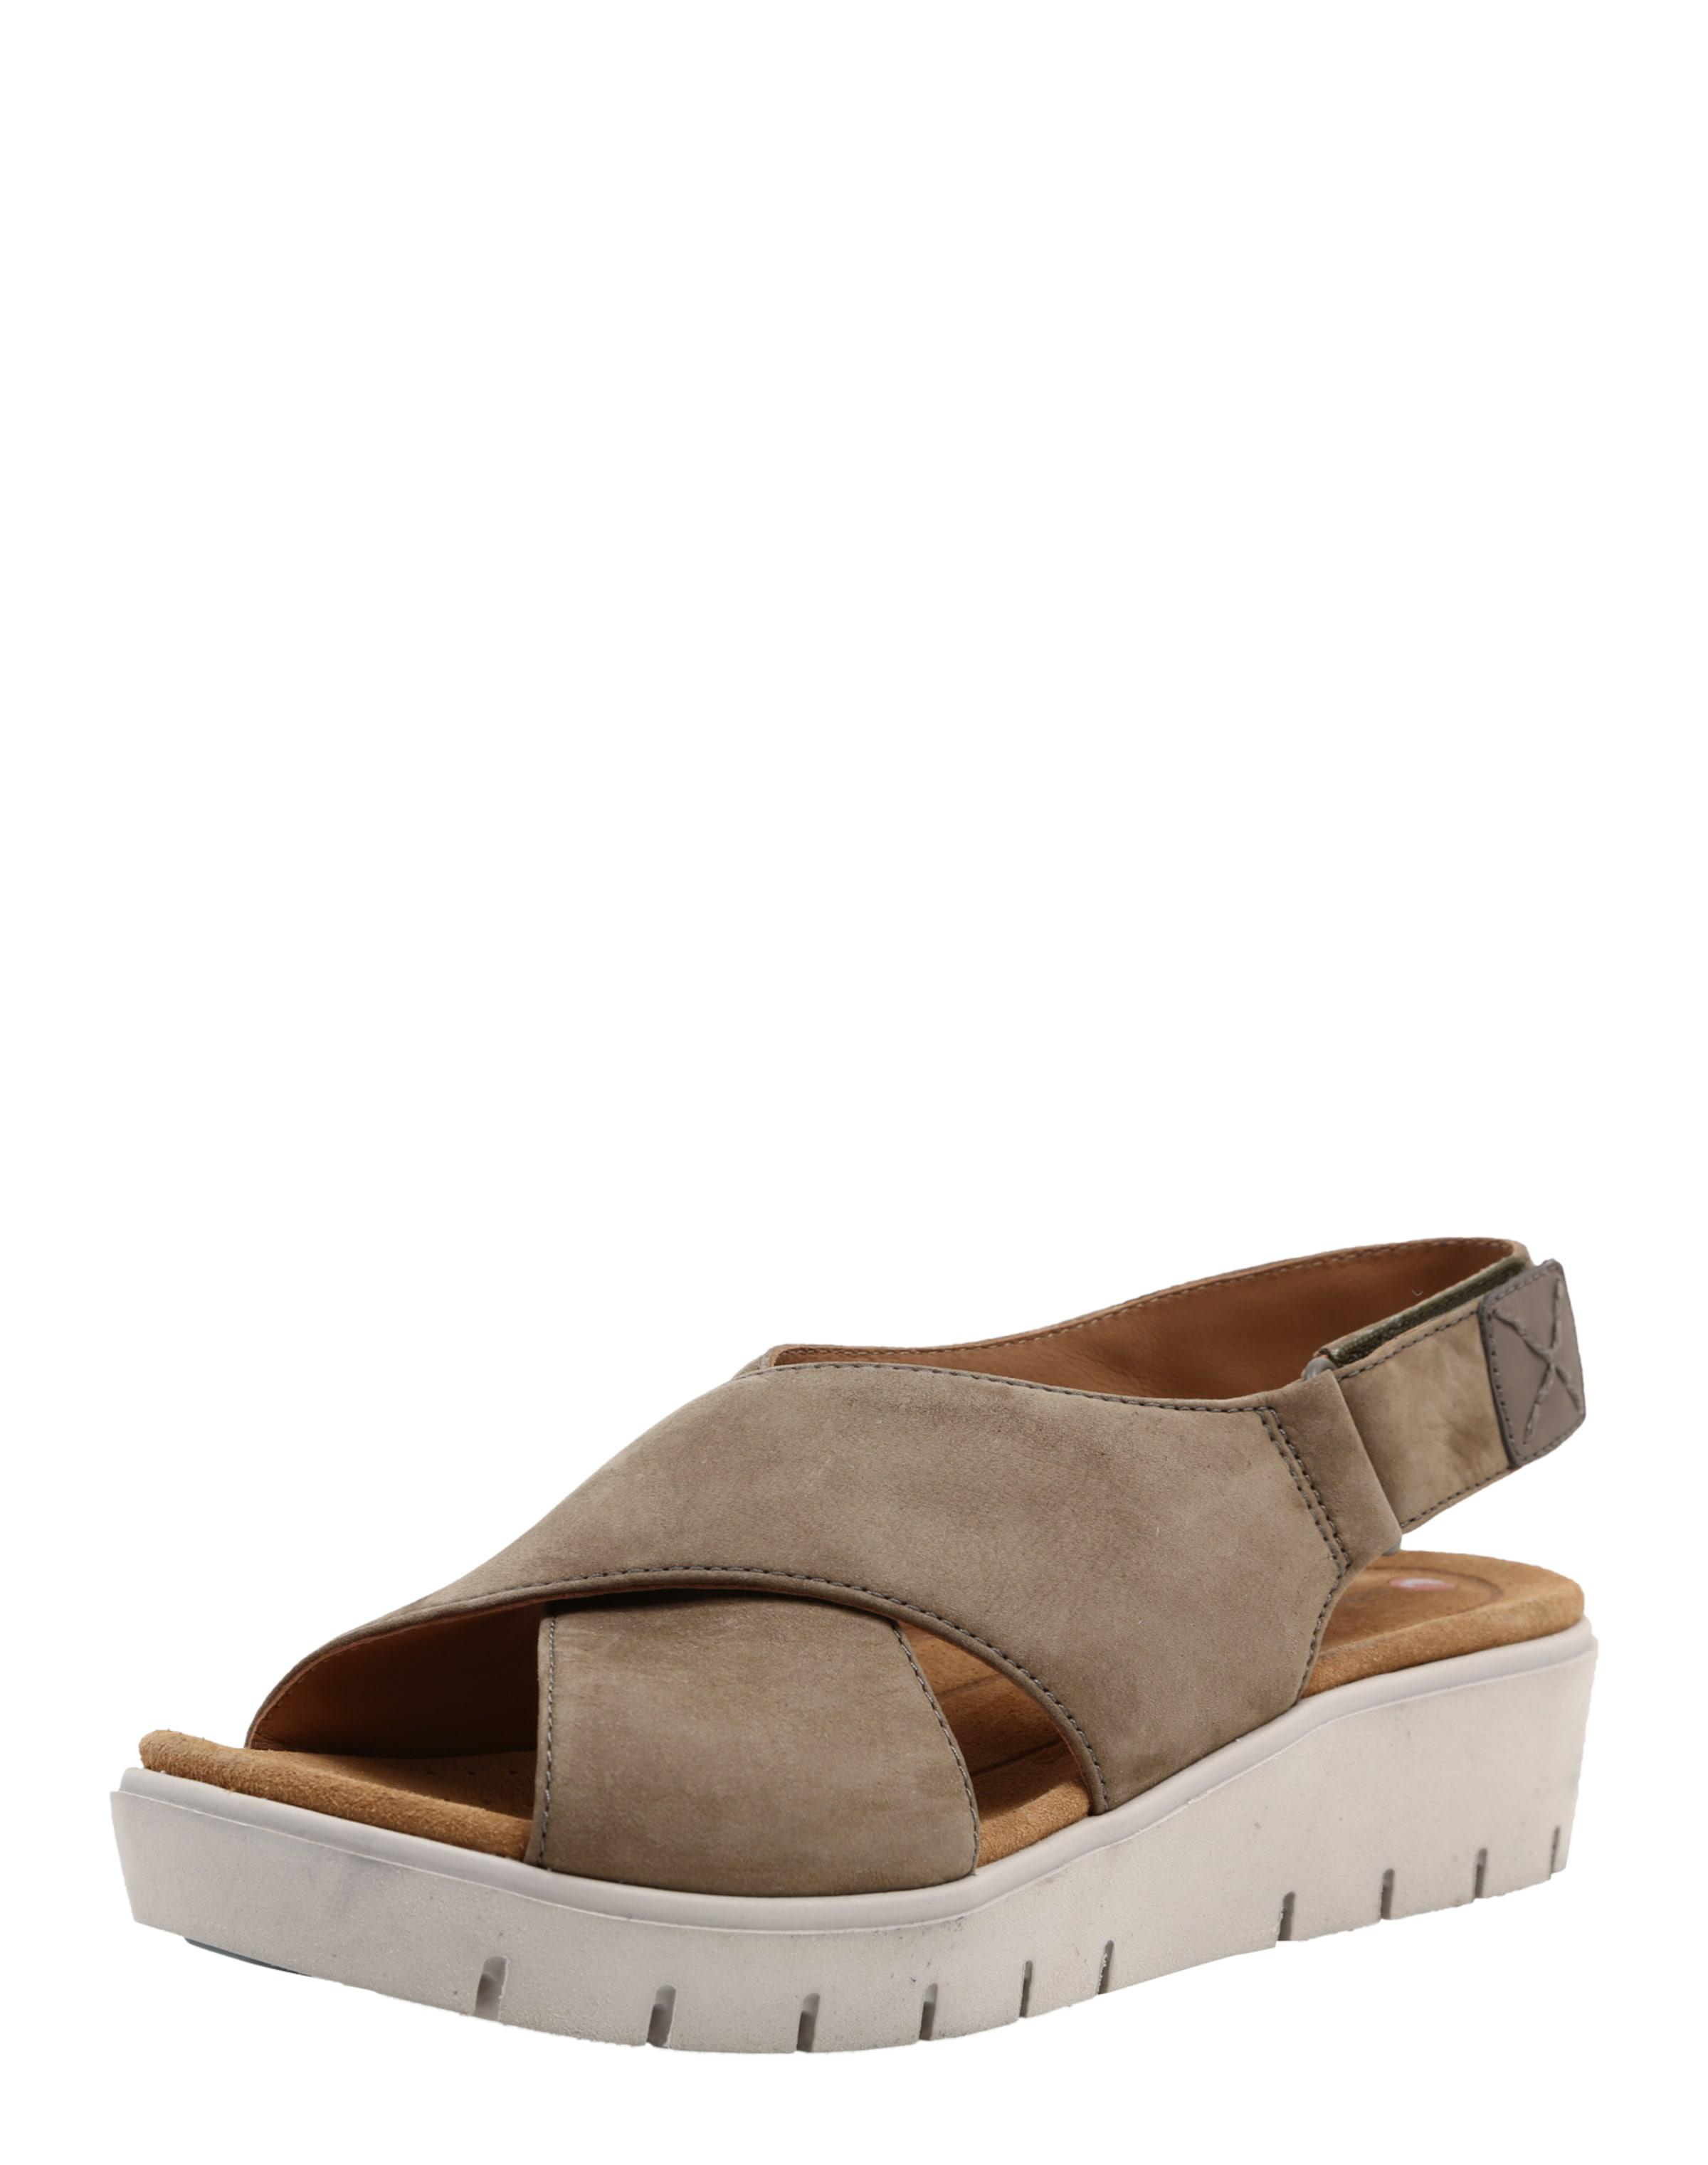 Sandales Avec Ceinture Clarks Lumière « Un Grêle Karely » 5QLDE